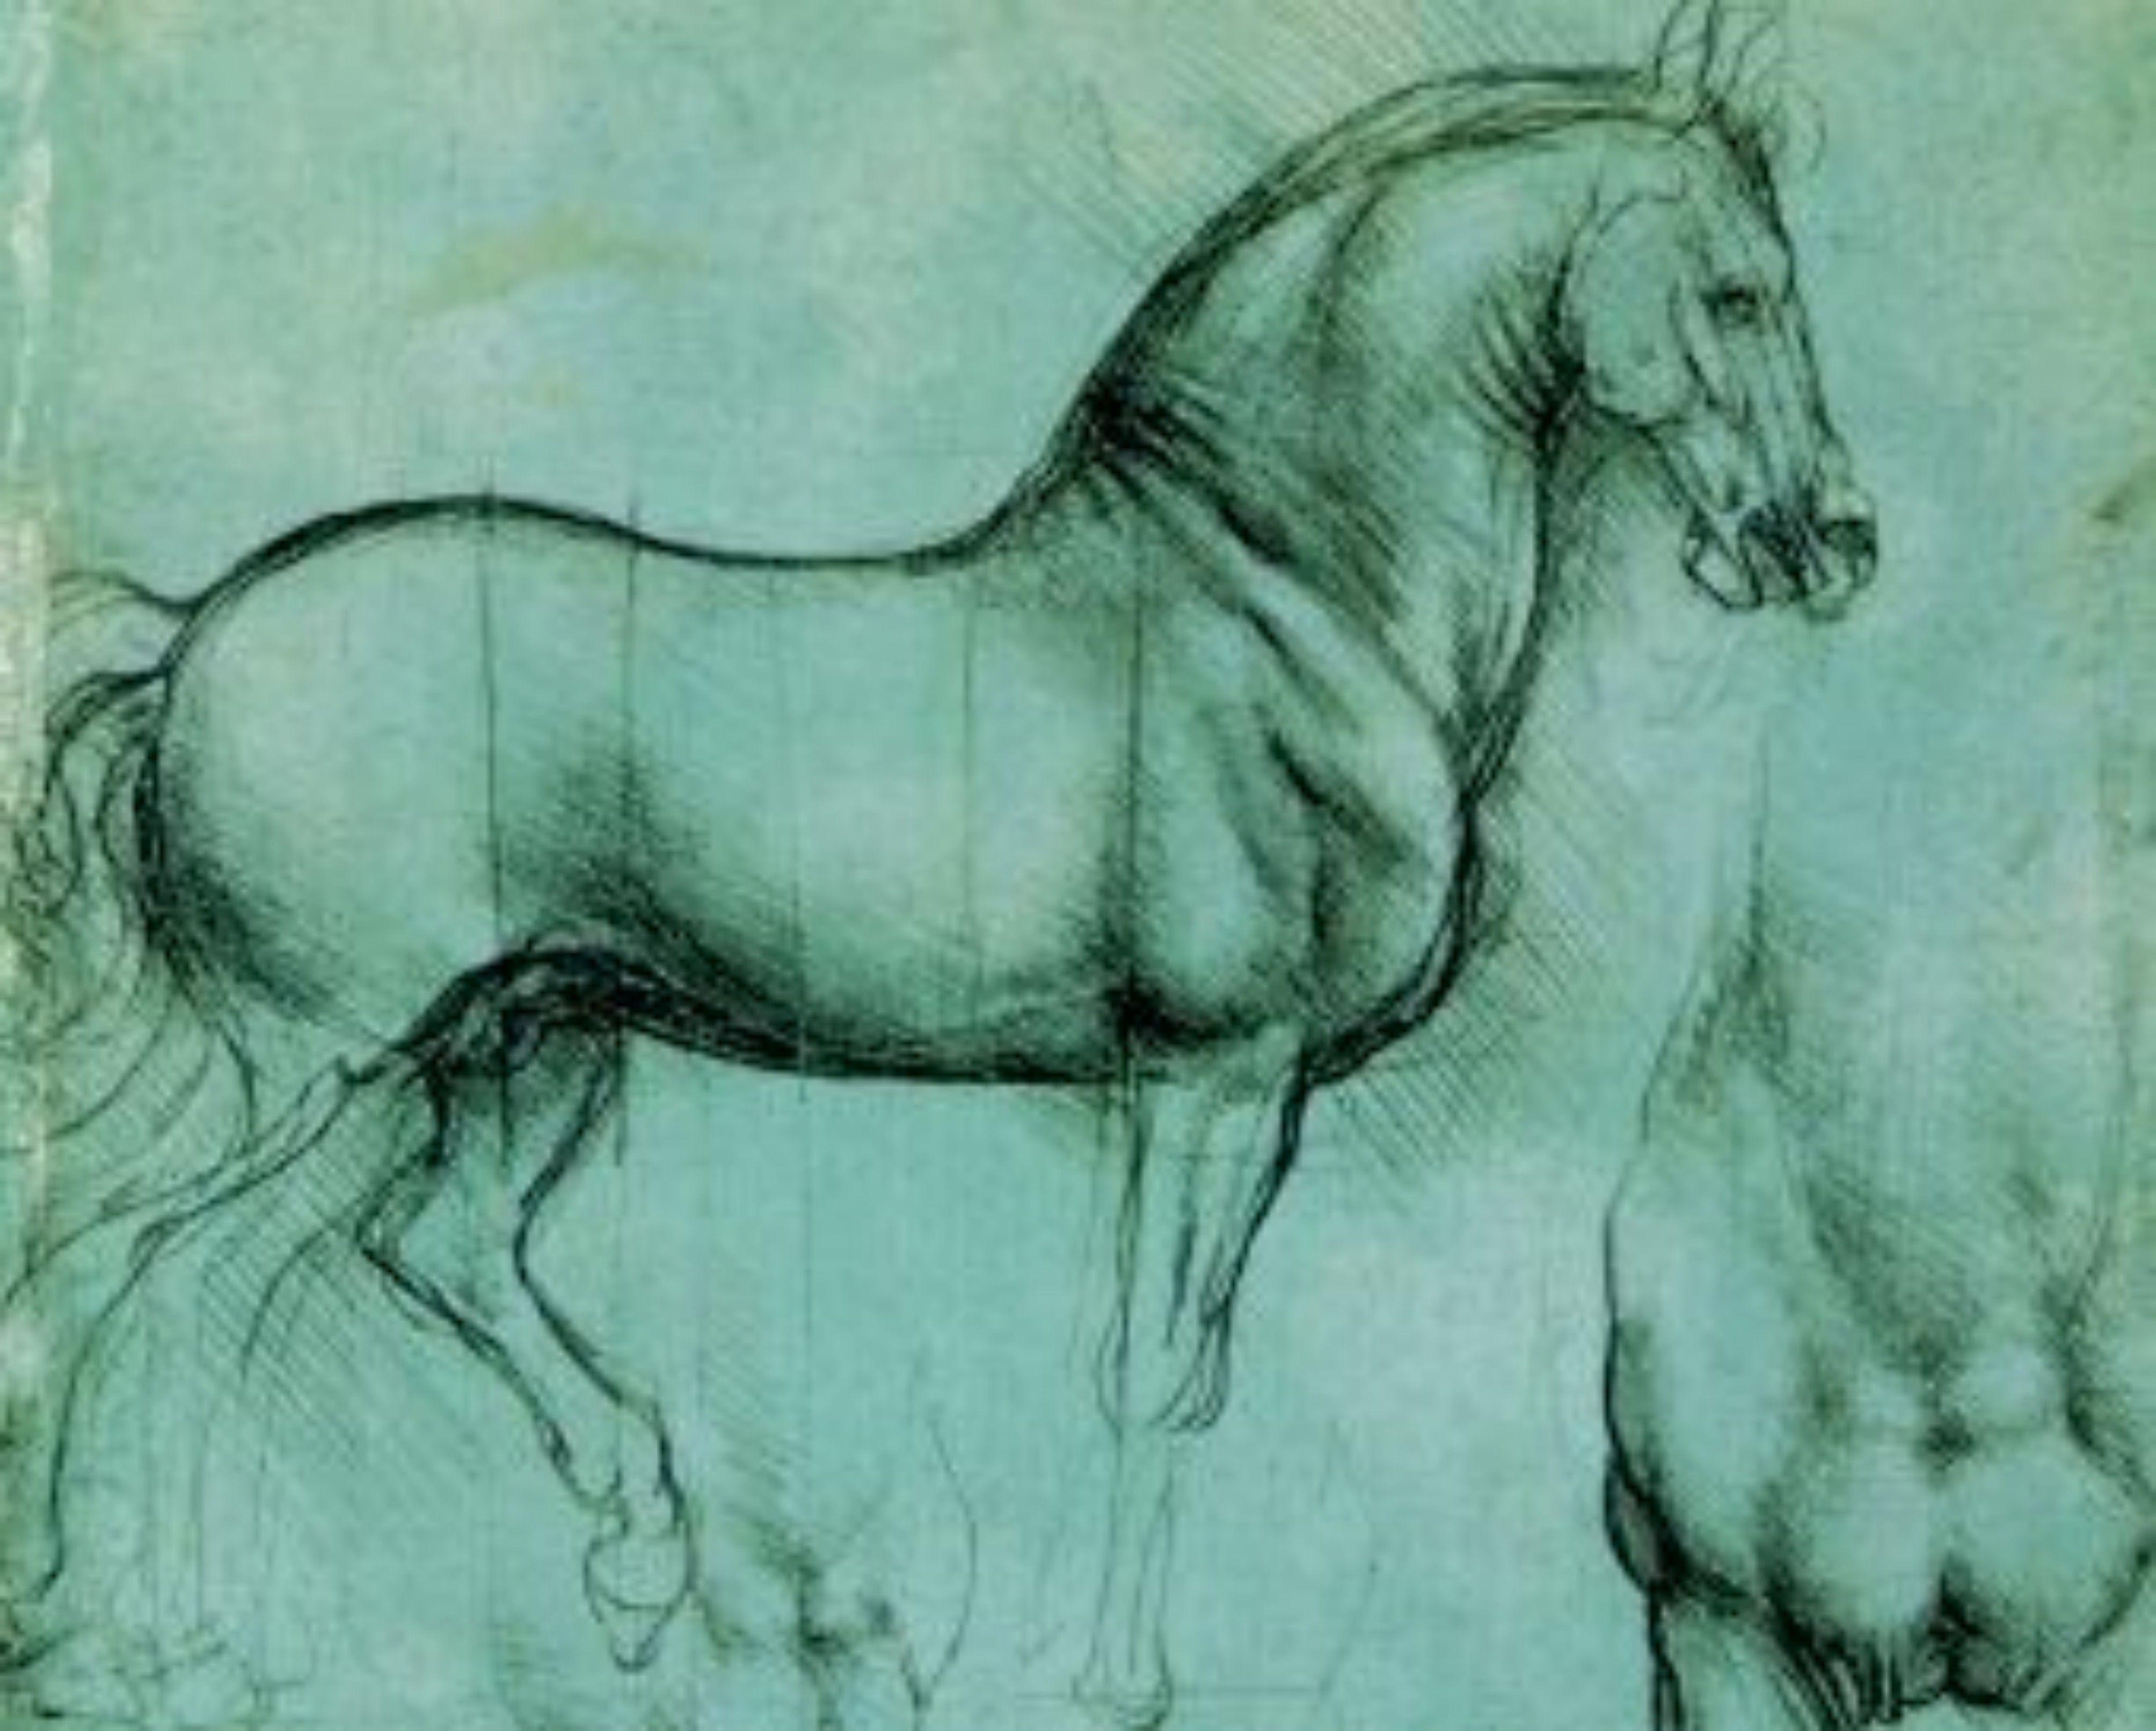 Leonardos Maltechnik Die Geheimnisse Der Lasur Manfred Lindinger